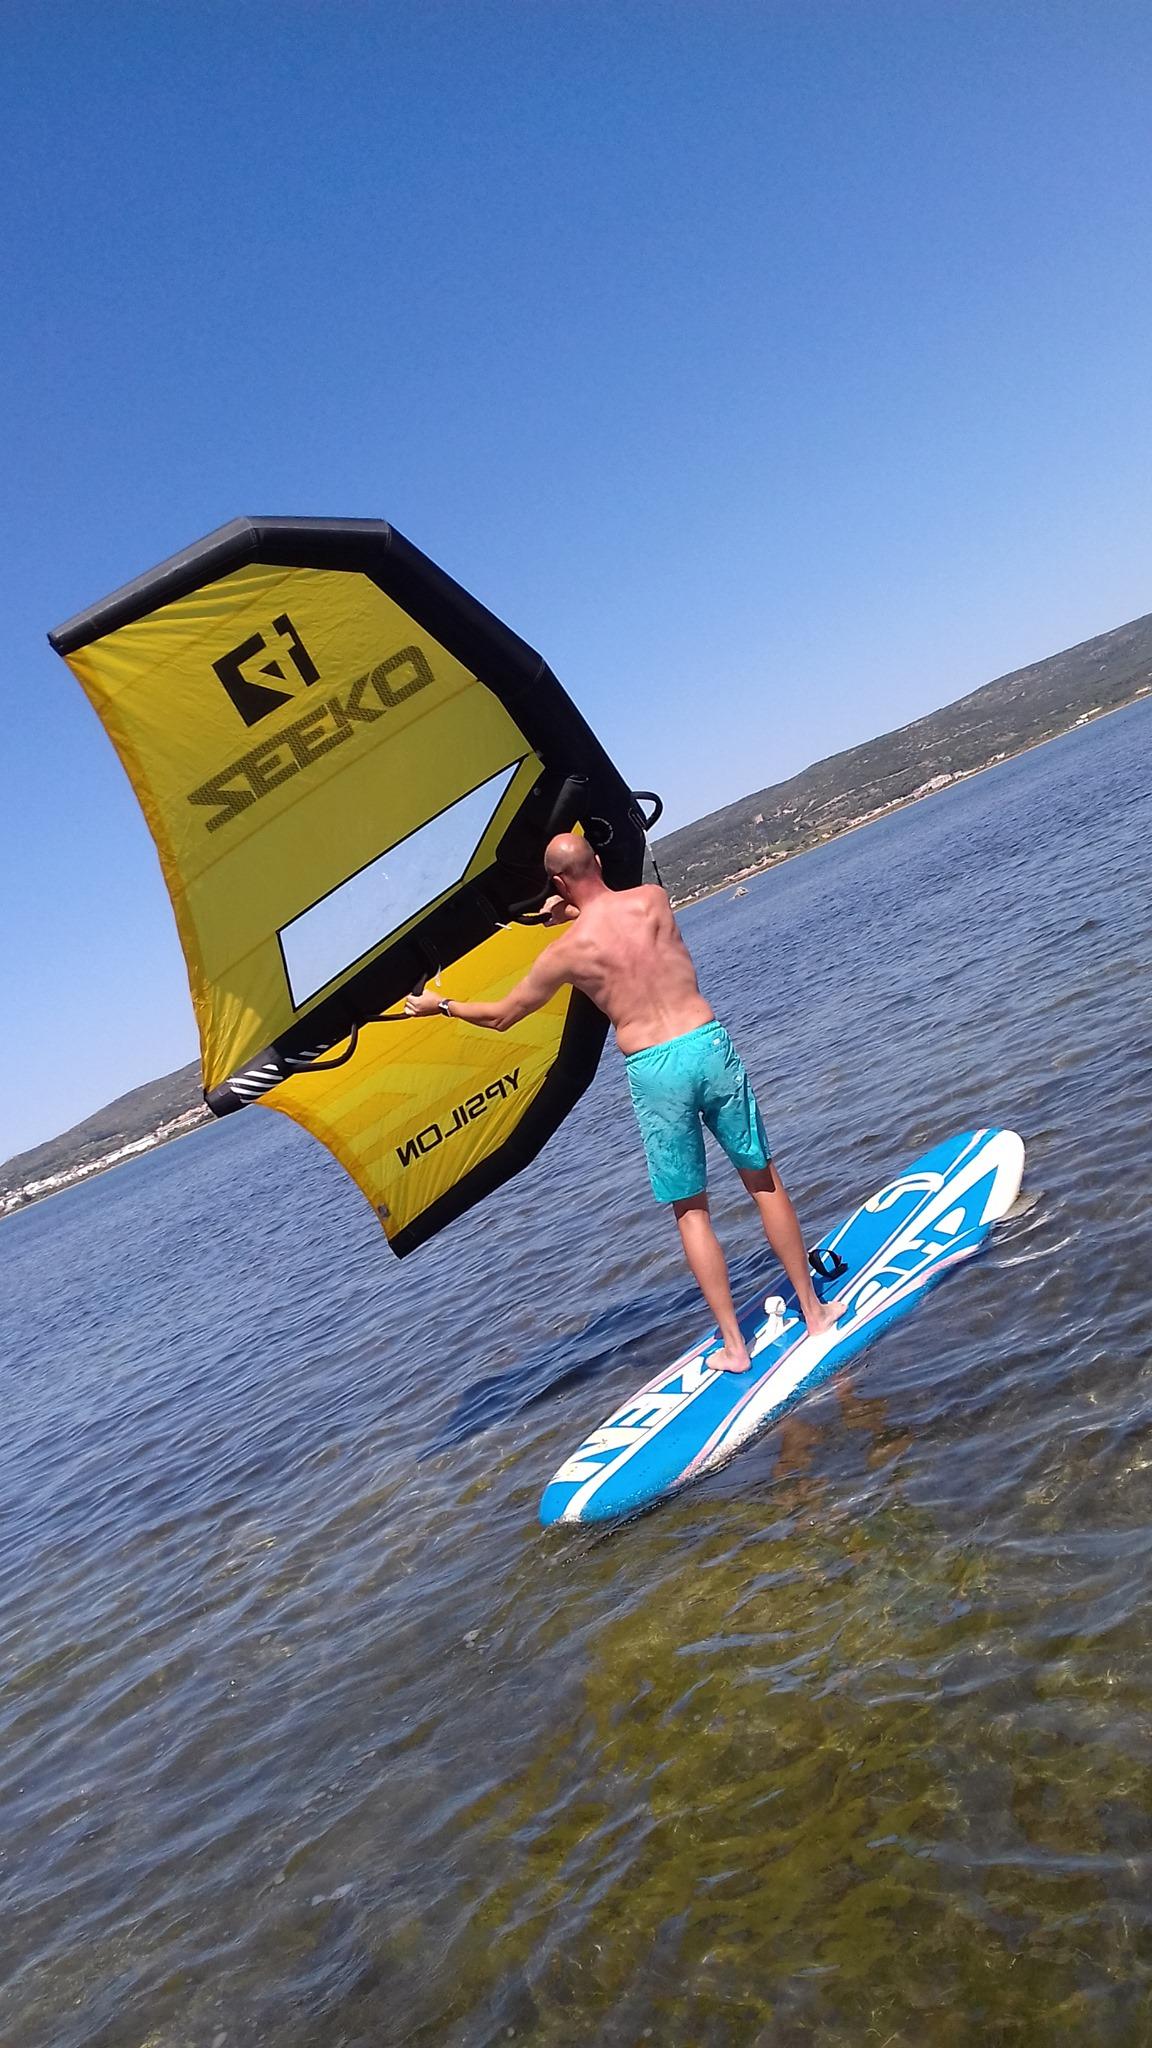 Séance de wingsurf sur l'étang d'Ingril à Frontignan